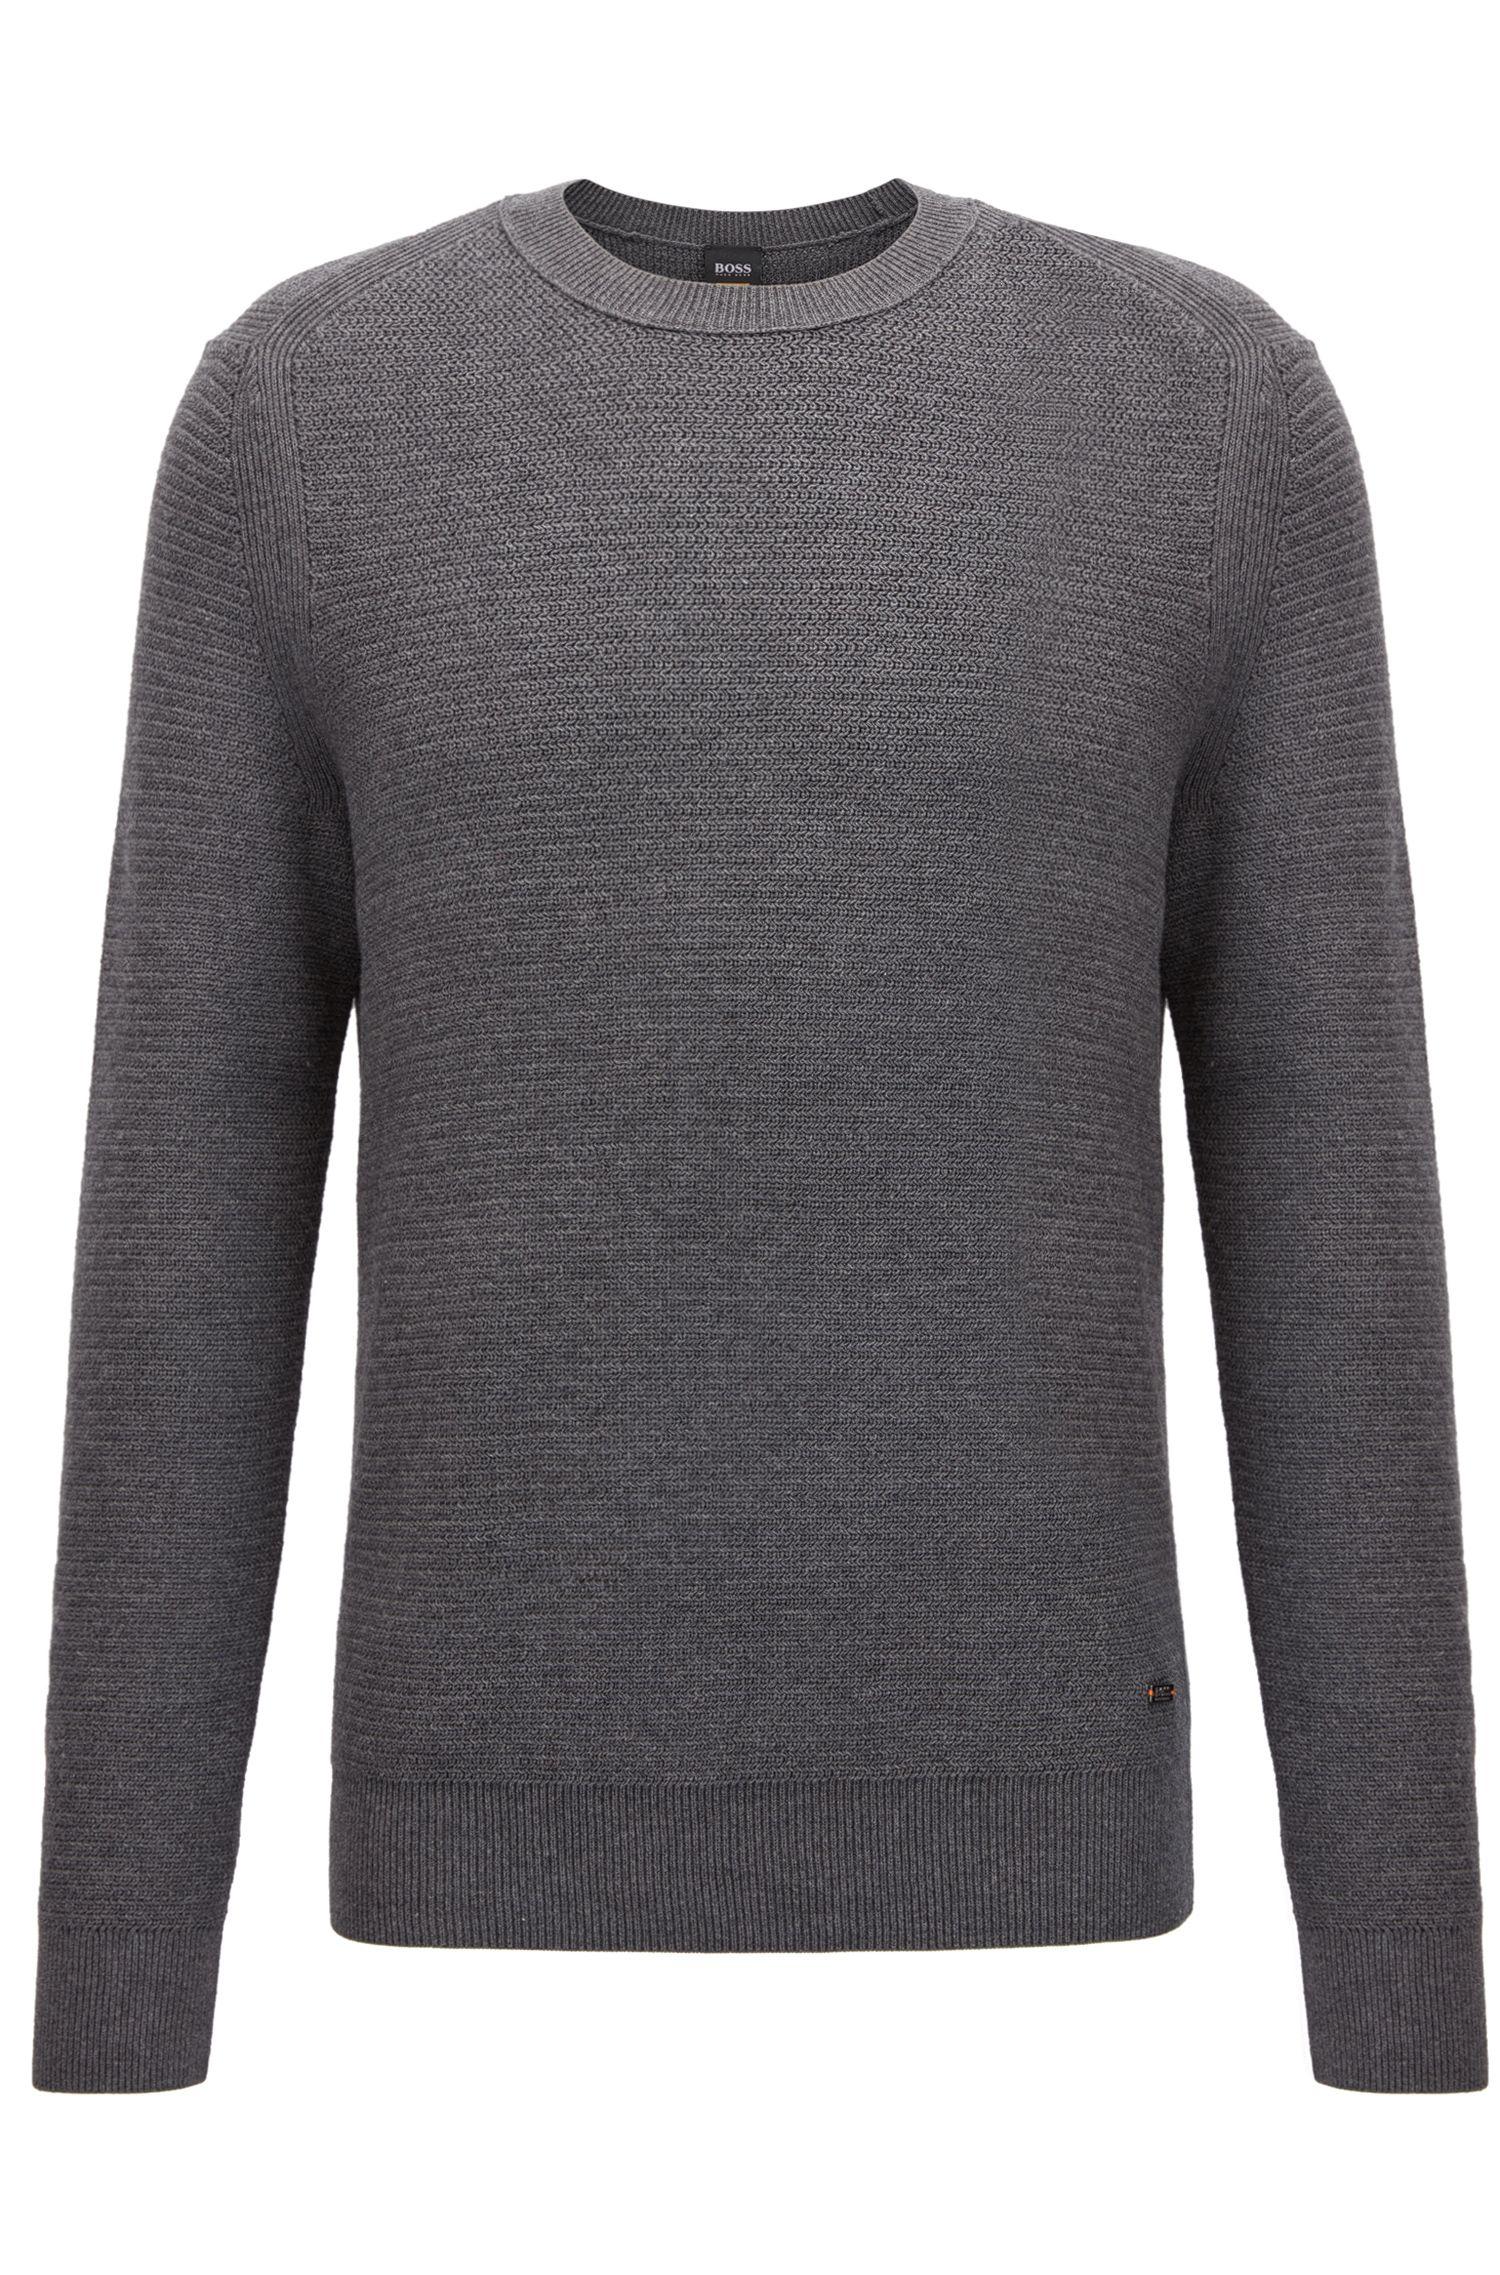 Pullover aus strukturiertem Baumwoll-Mix mit Kaschmir